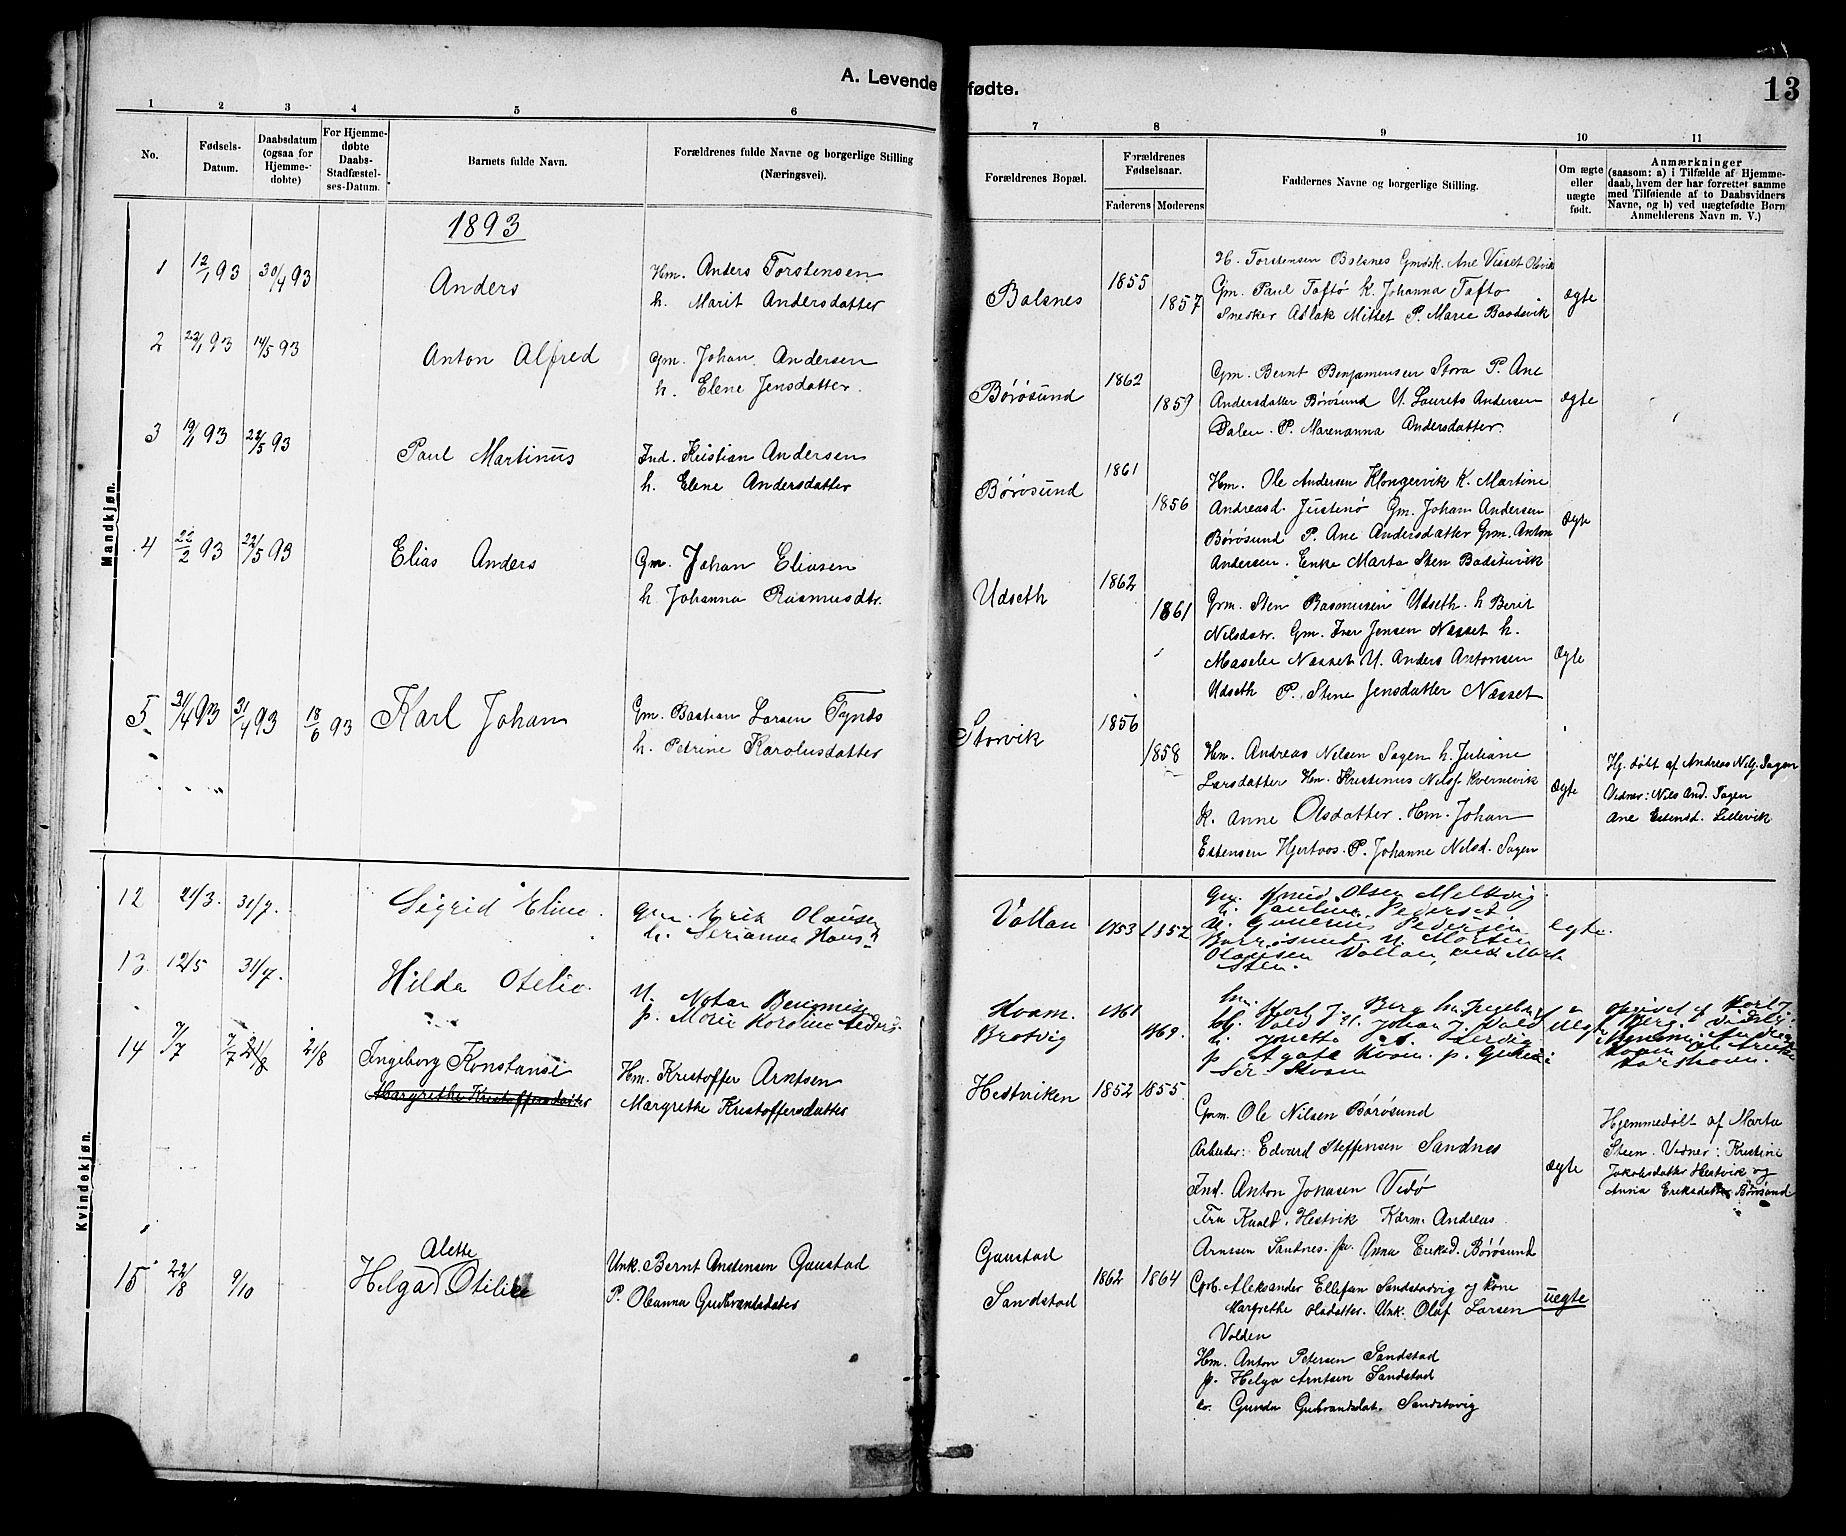 SAT, Ministerialprotokoller, klokkerbøker og fødselsregistre - Sør-Trøndelag, 639/L0573: Klokkerbok nr. 639C01, 1890-1905, s. 13